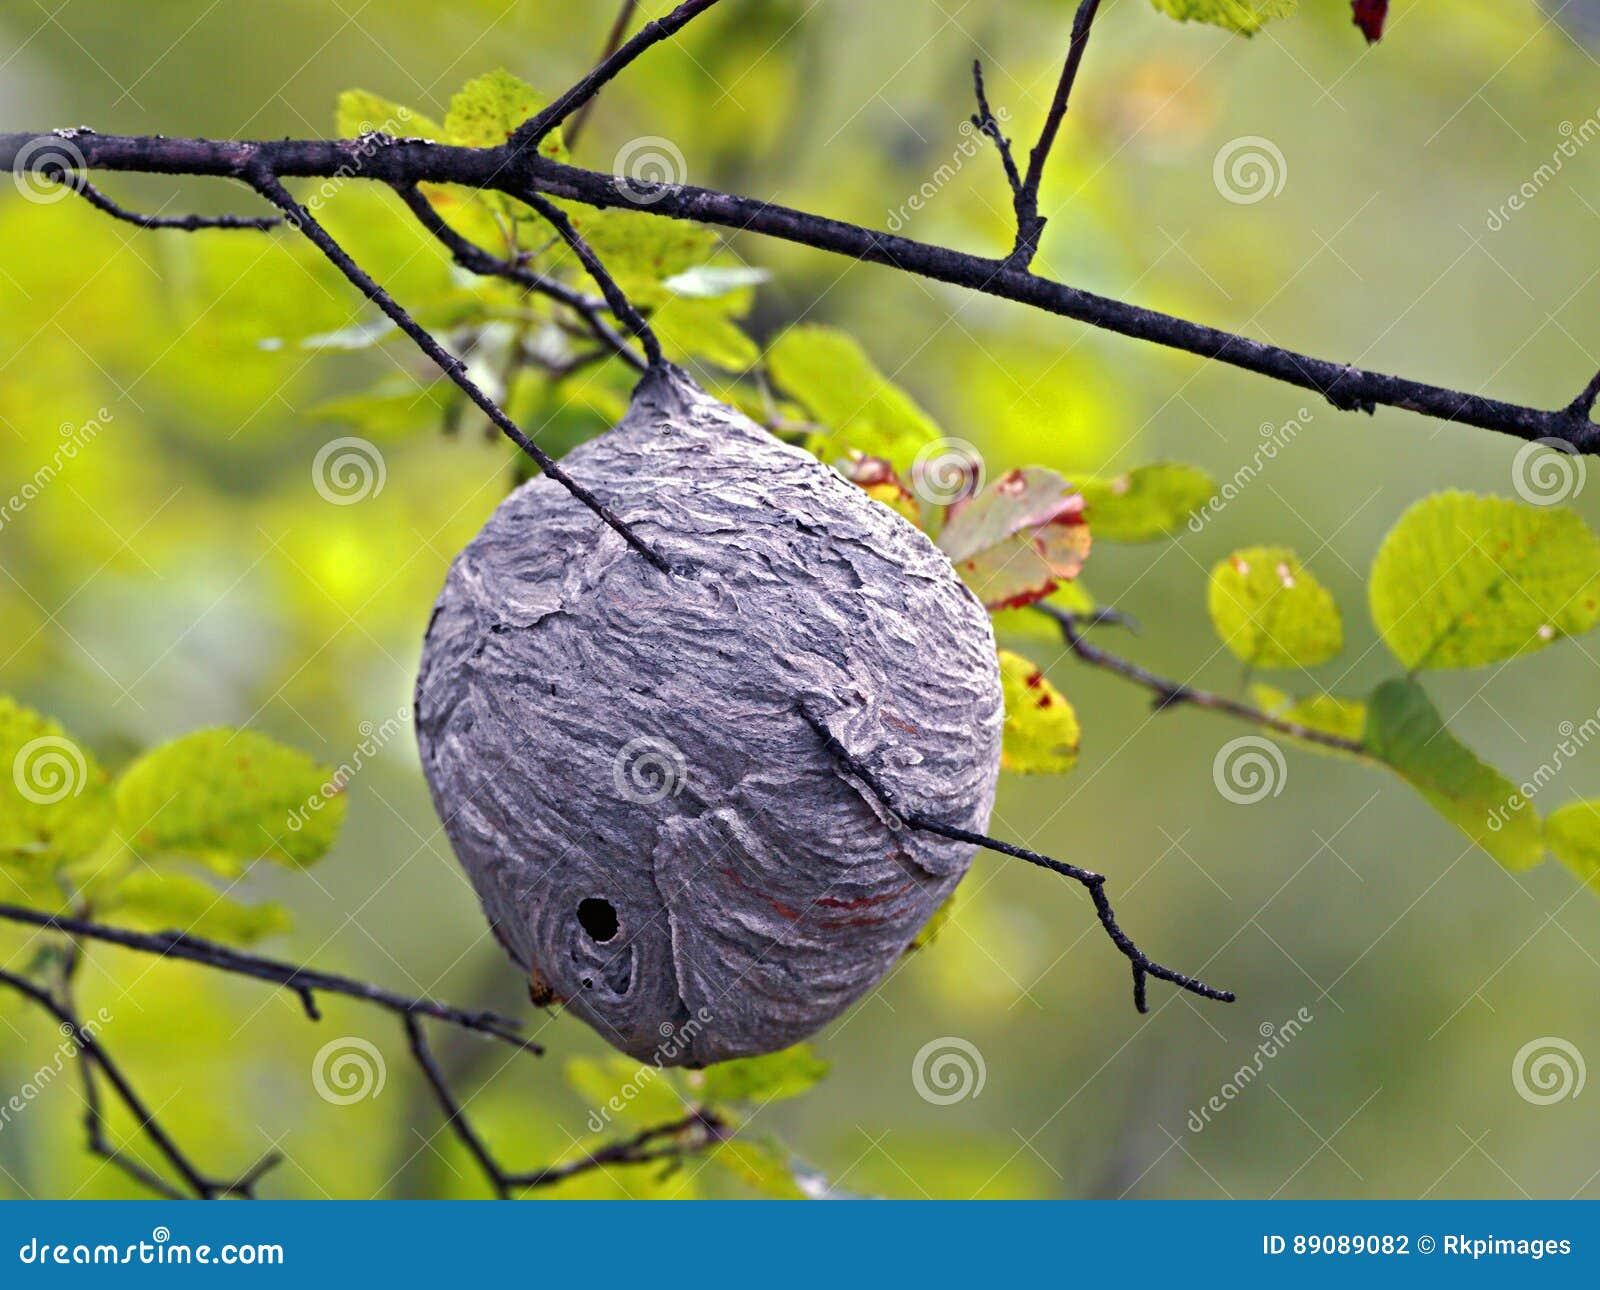 Wespen-Nest Im Baum Stockfoto. Bild Von Aufbau, Wespe